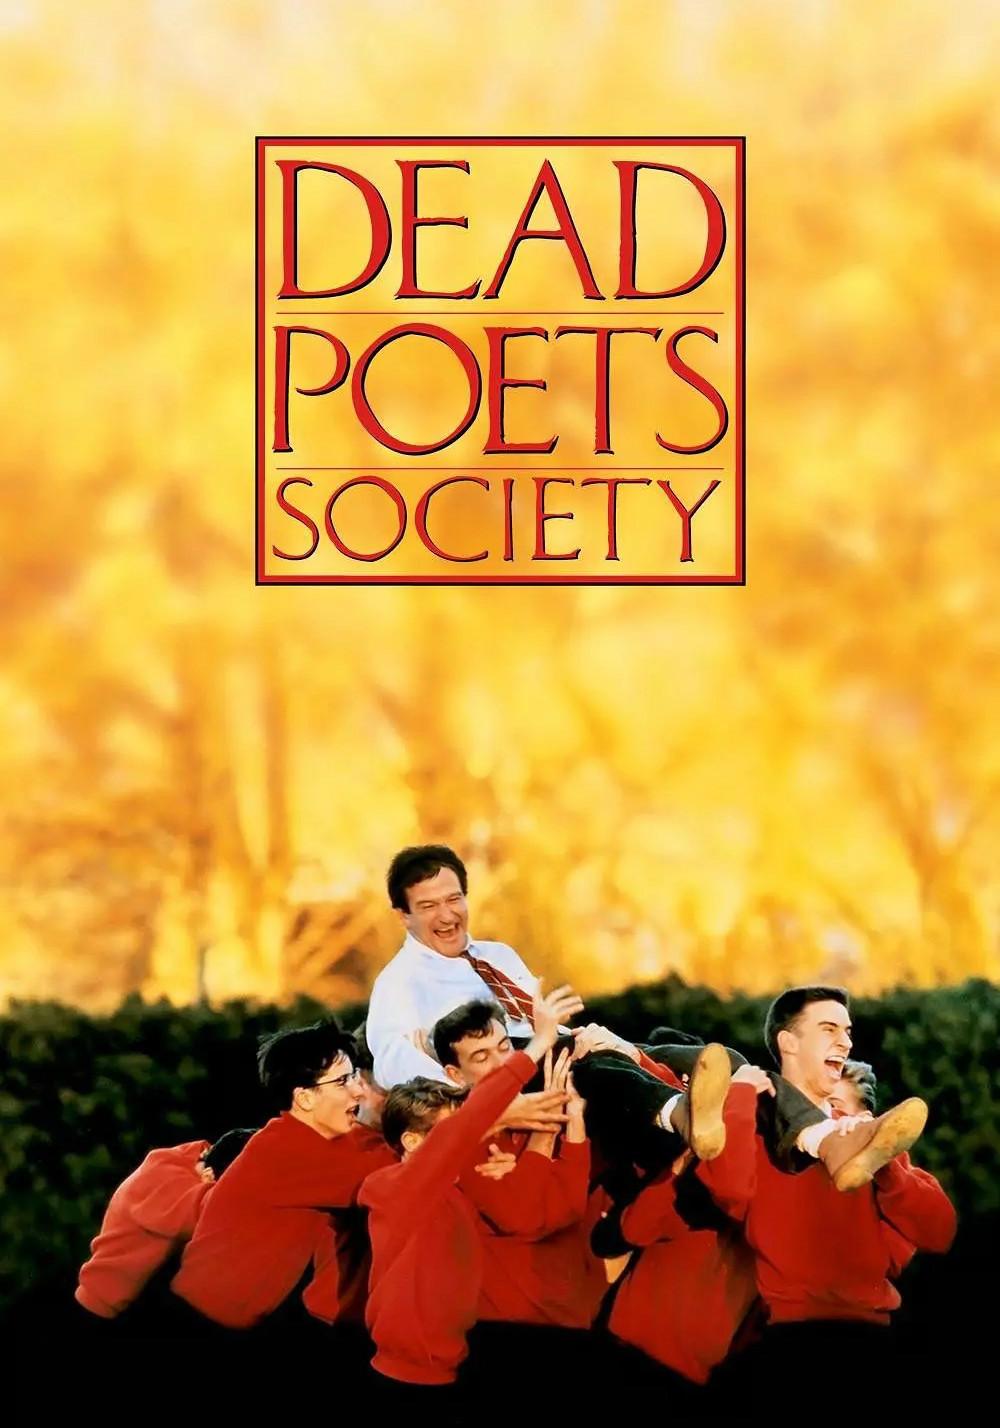 電影中的丁尼生Tennyson詩-尤利西斯:春風化雨Dead poets society,007空降危機The Sky FALL,金盞花大酒店2 The Best Exotic Marigold Hotel 2 @東南亞投資報告